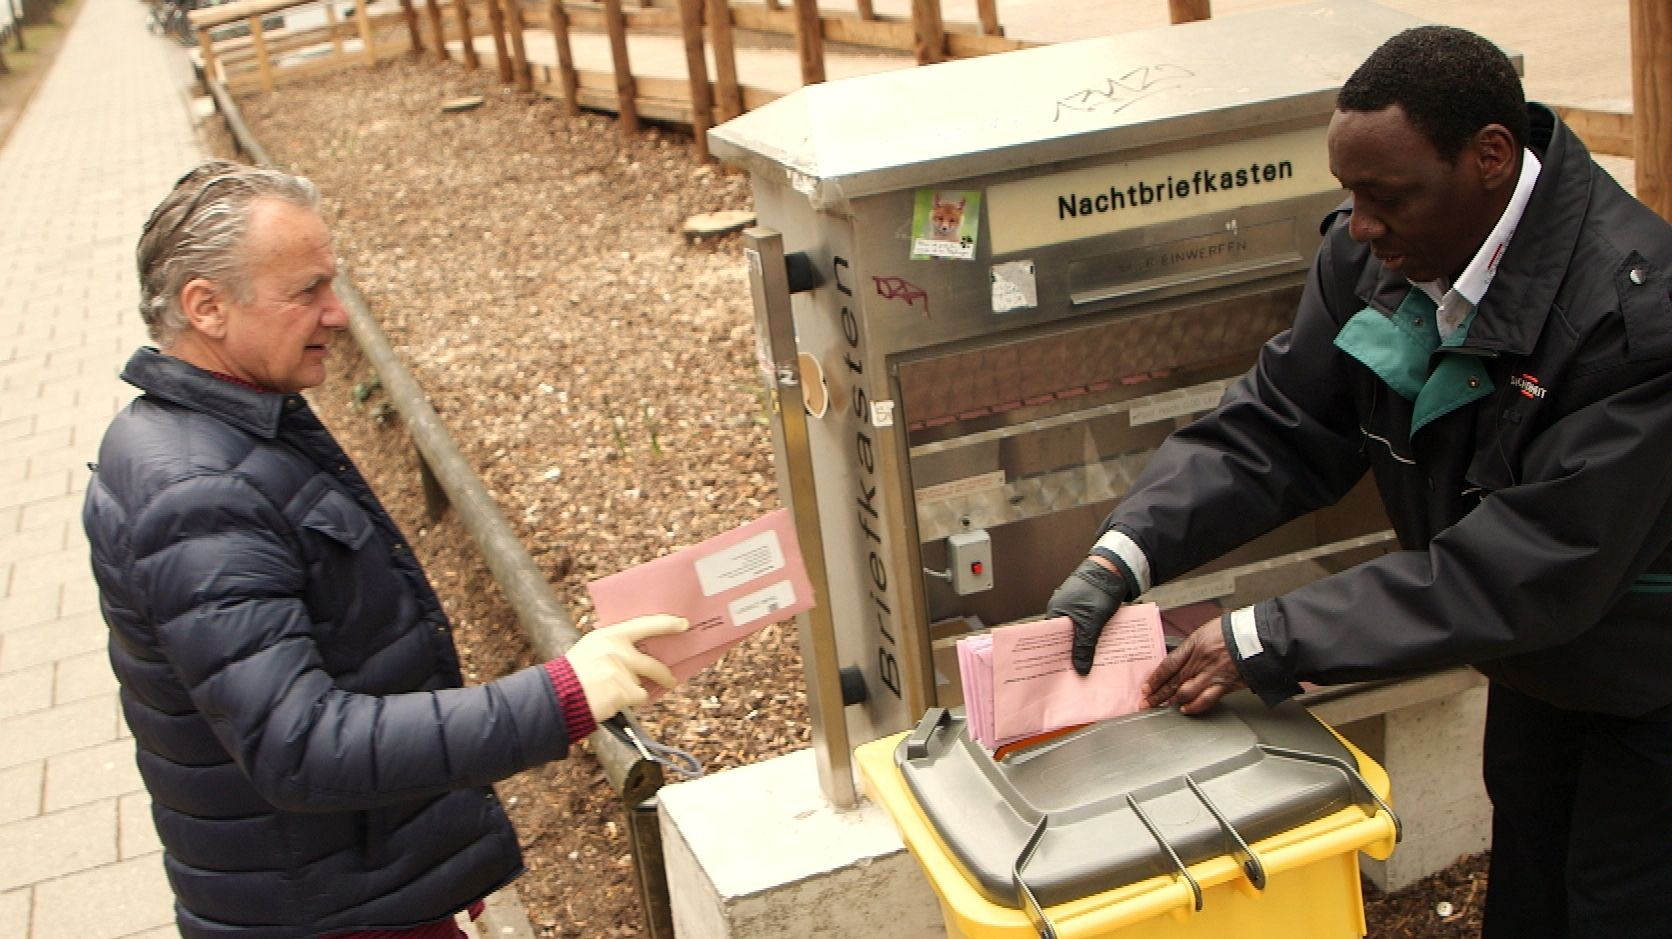 Ein Man bringt seine Wahlunterlagen am Münchner Kreisverwaltungsreferat zu einem von fünf Sonderbriefkästen, die extra für die kommunale Stichwahl errichtet wurden.